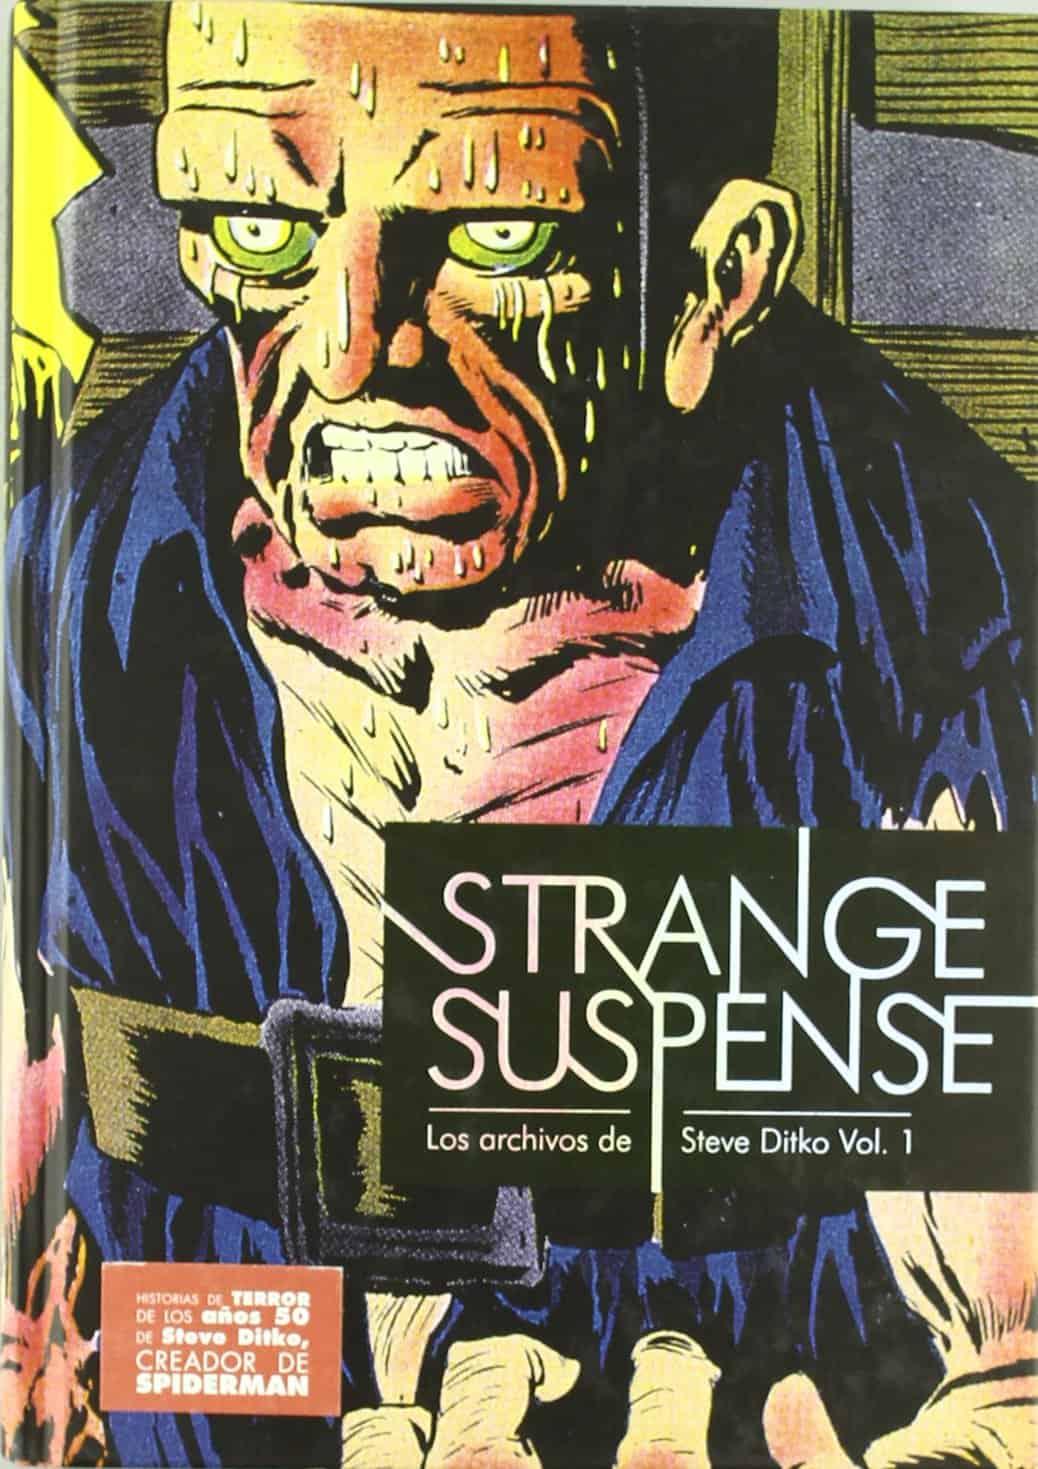 STRANGE SUSPENSE (LOS ARCHIVOS DE STEVE DITKO VOL. 1)